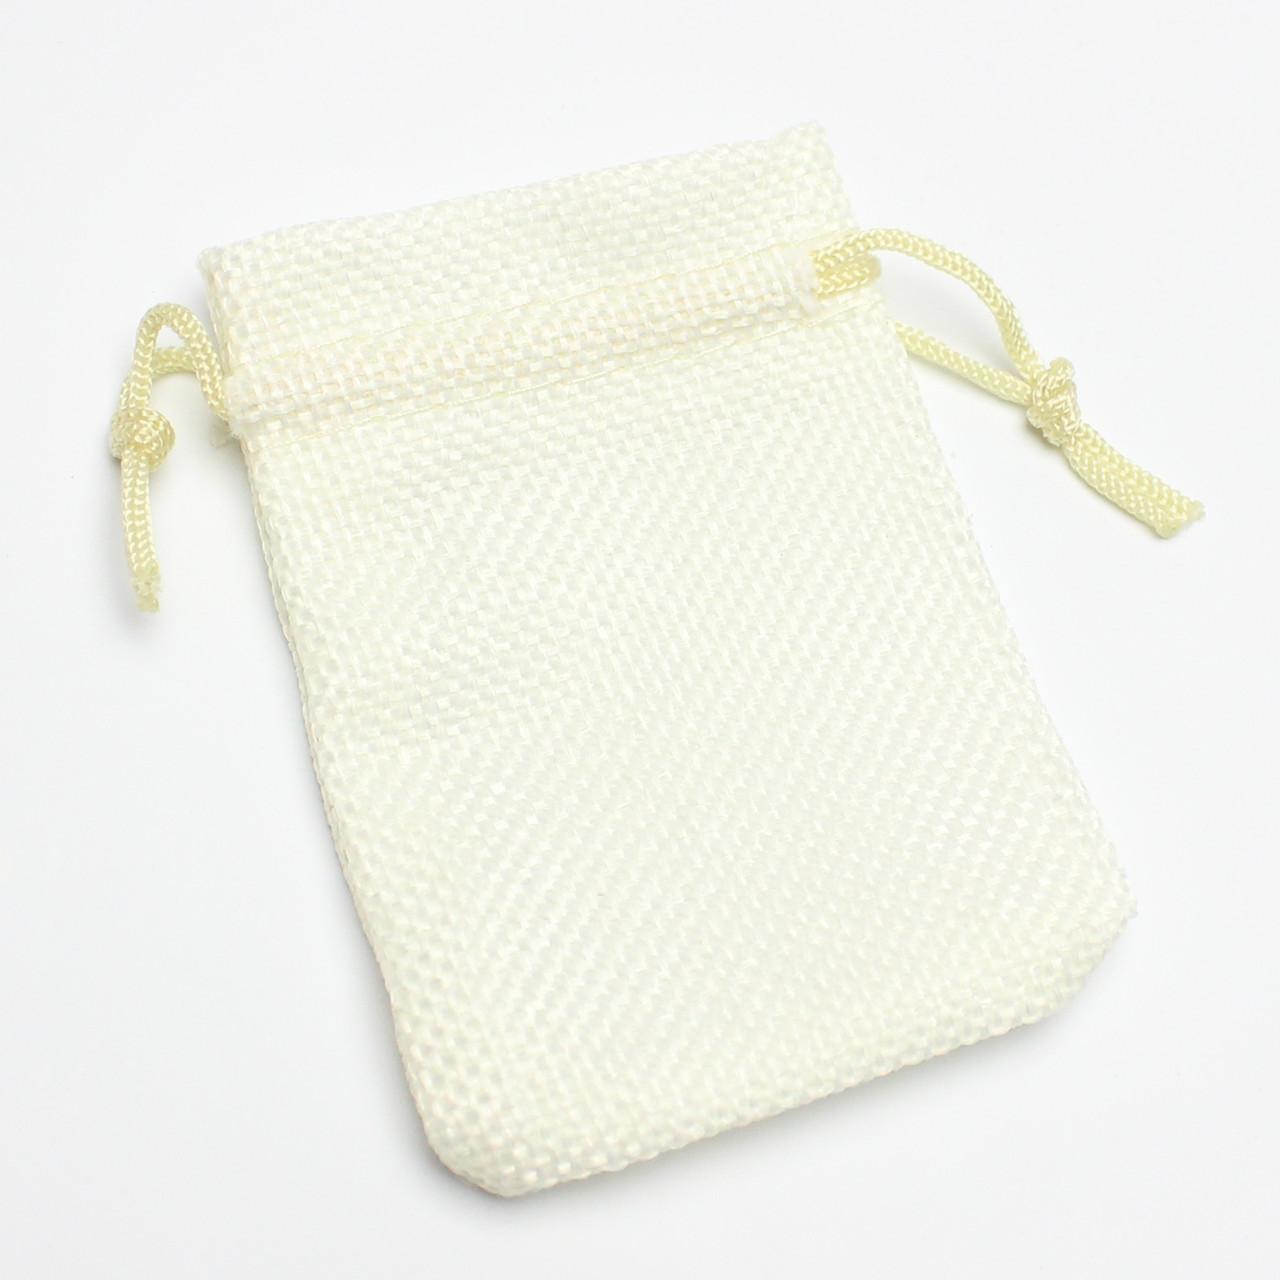 Мешок тканевый лен белый  7/9 см